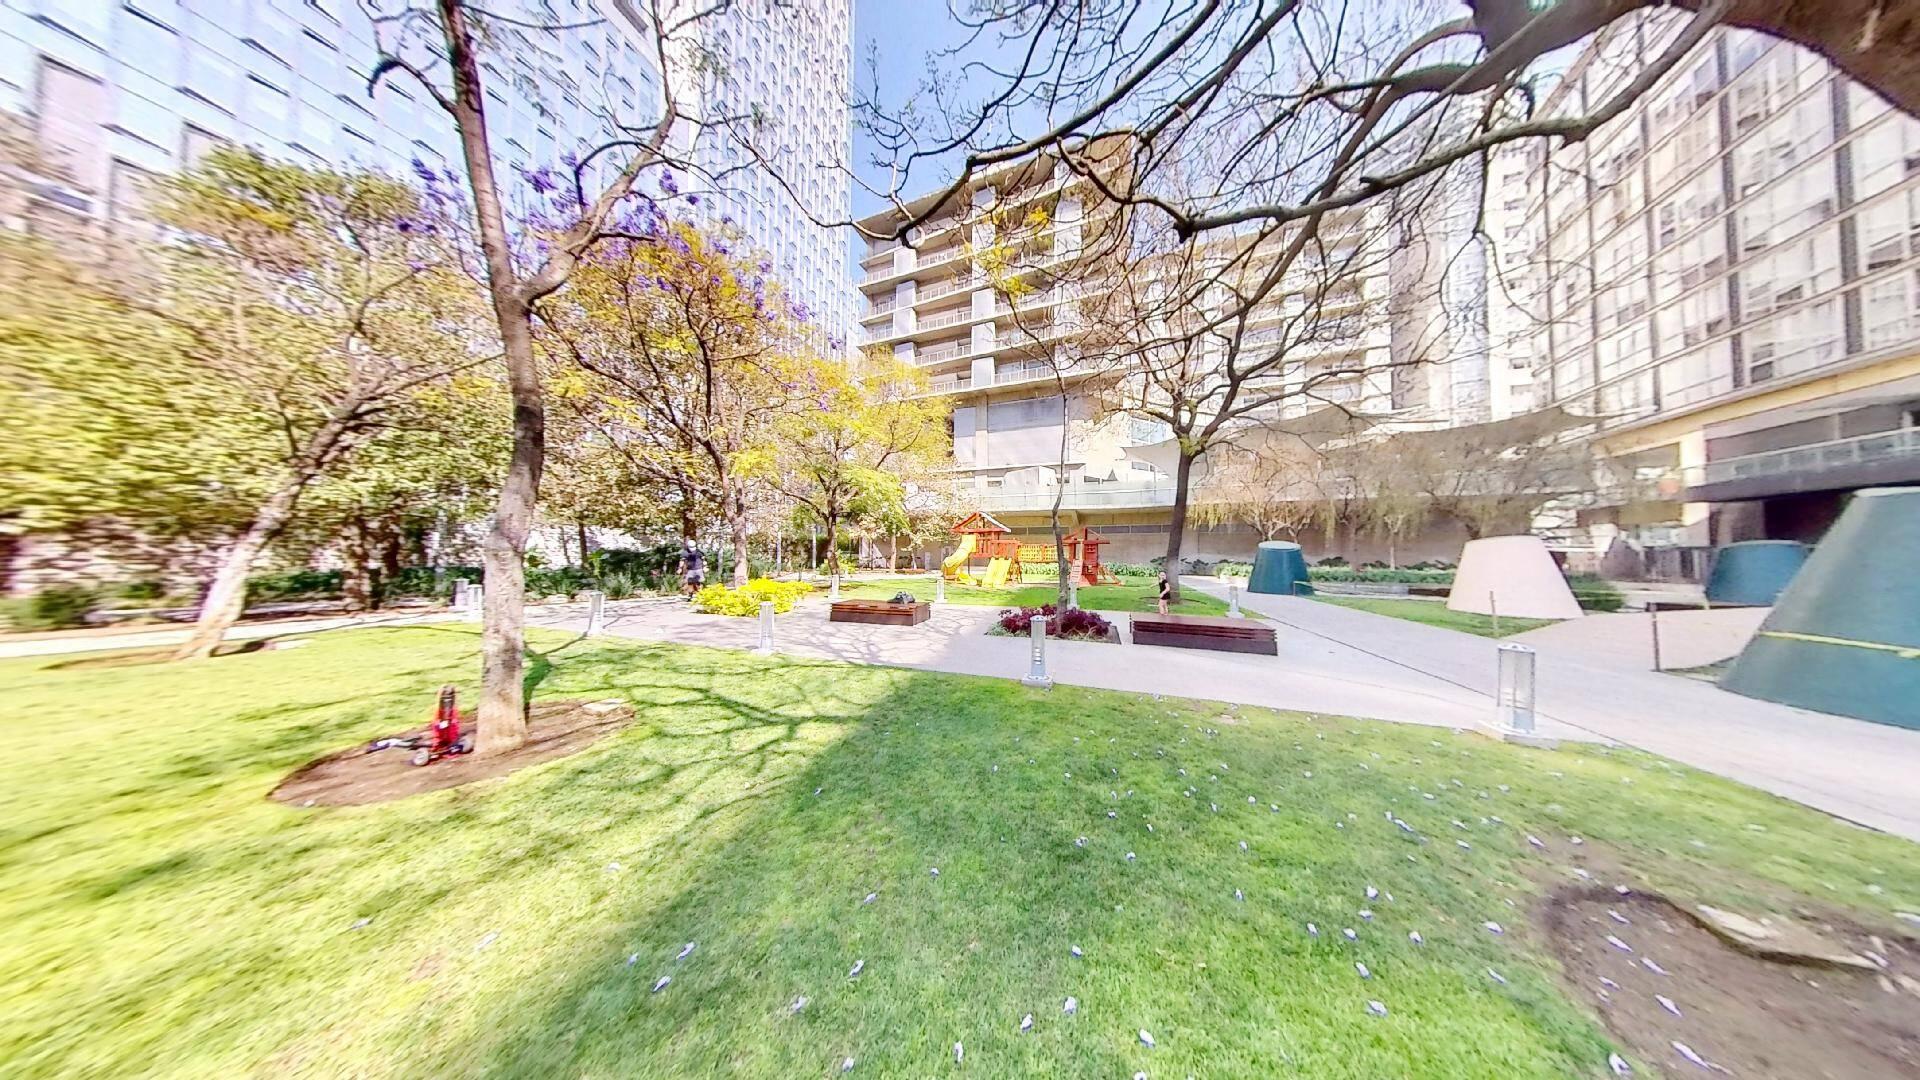 Departamento 2 recámaras en venta en Torre Central de Parques Polanco. Vista Jardín